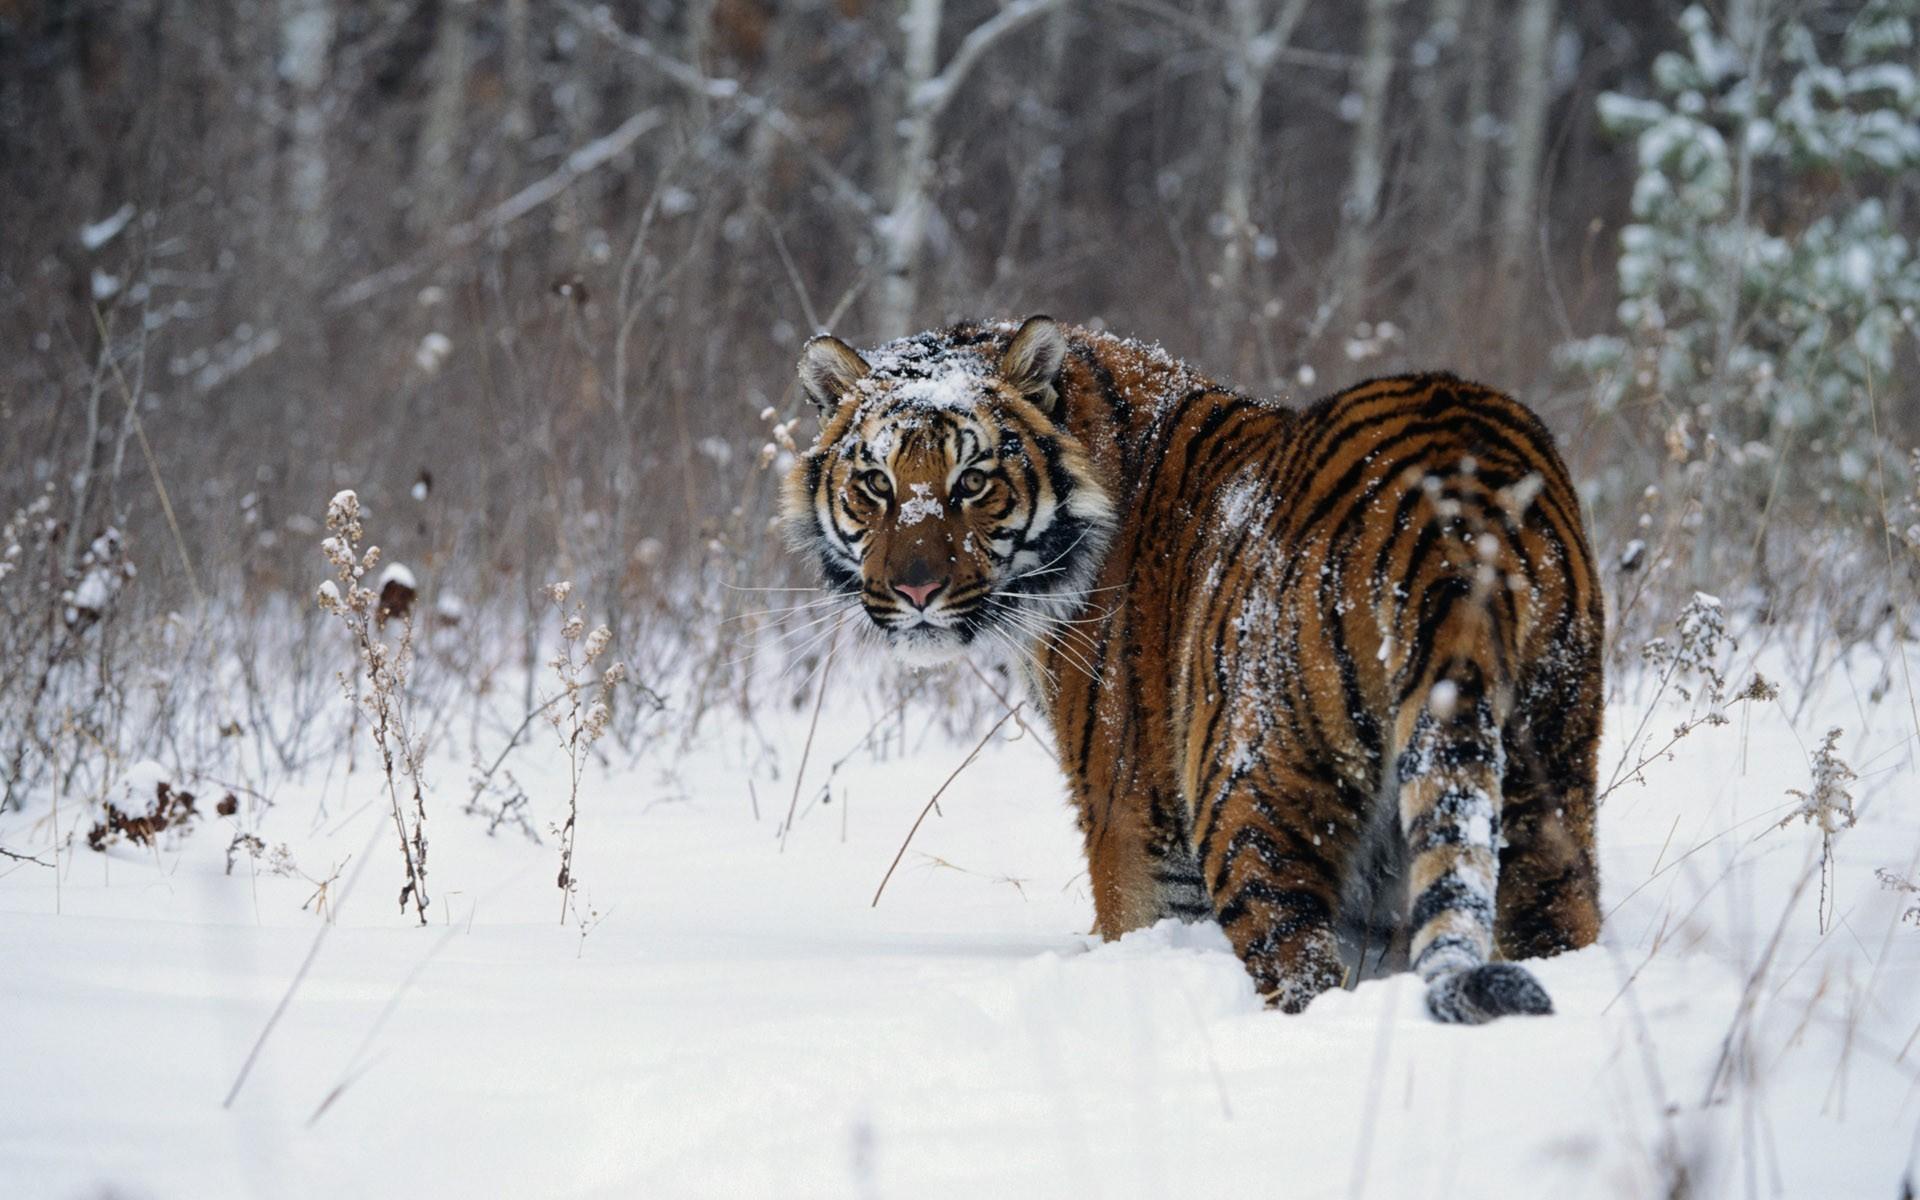 тигр на снегу бесплатно